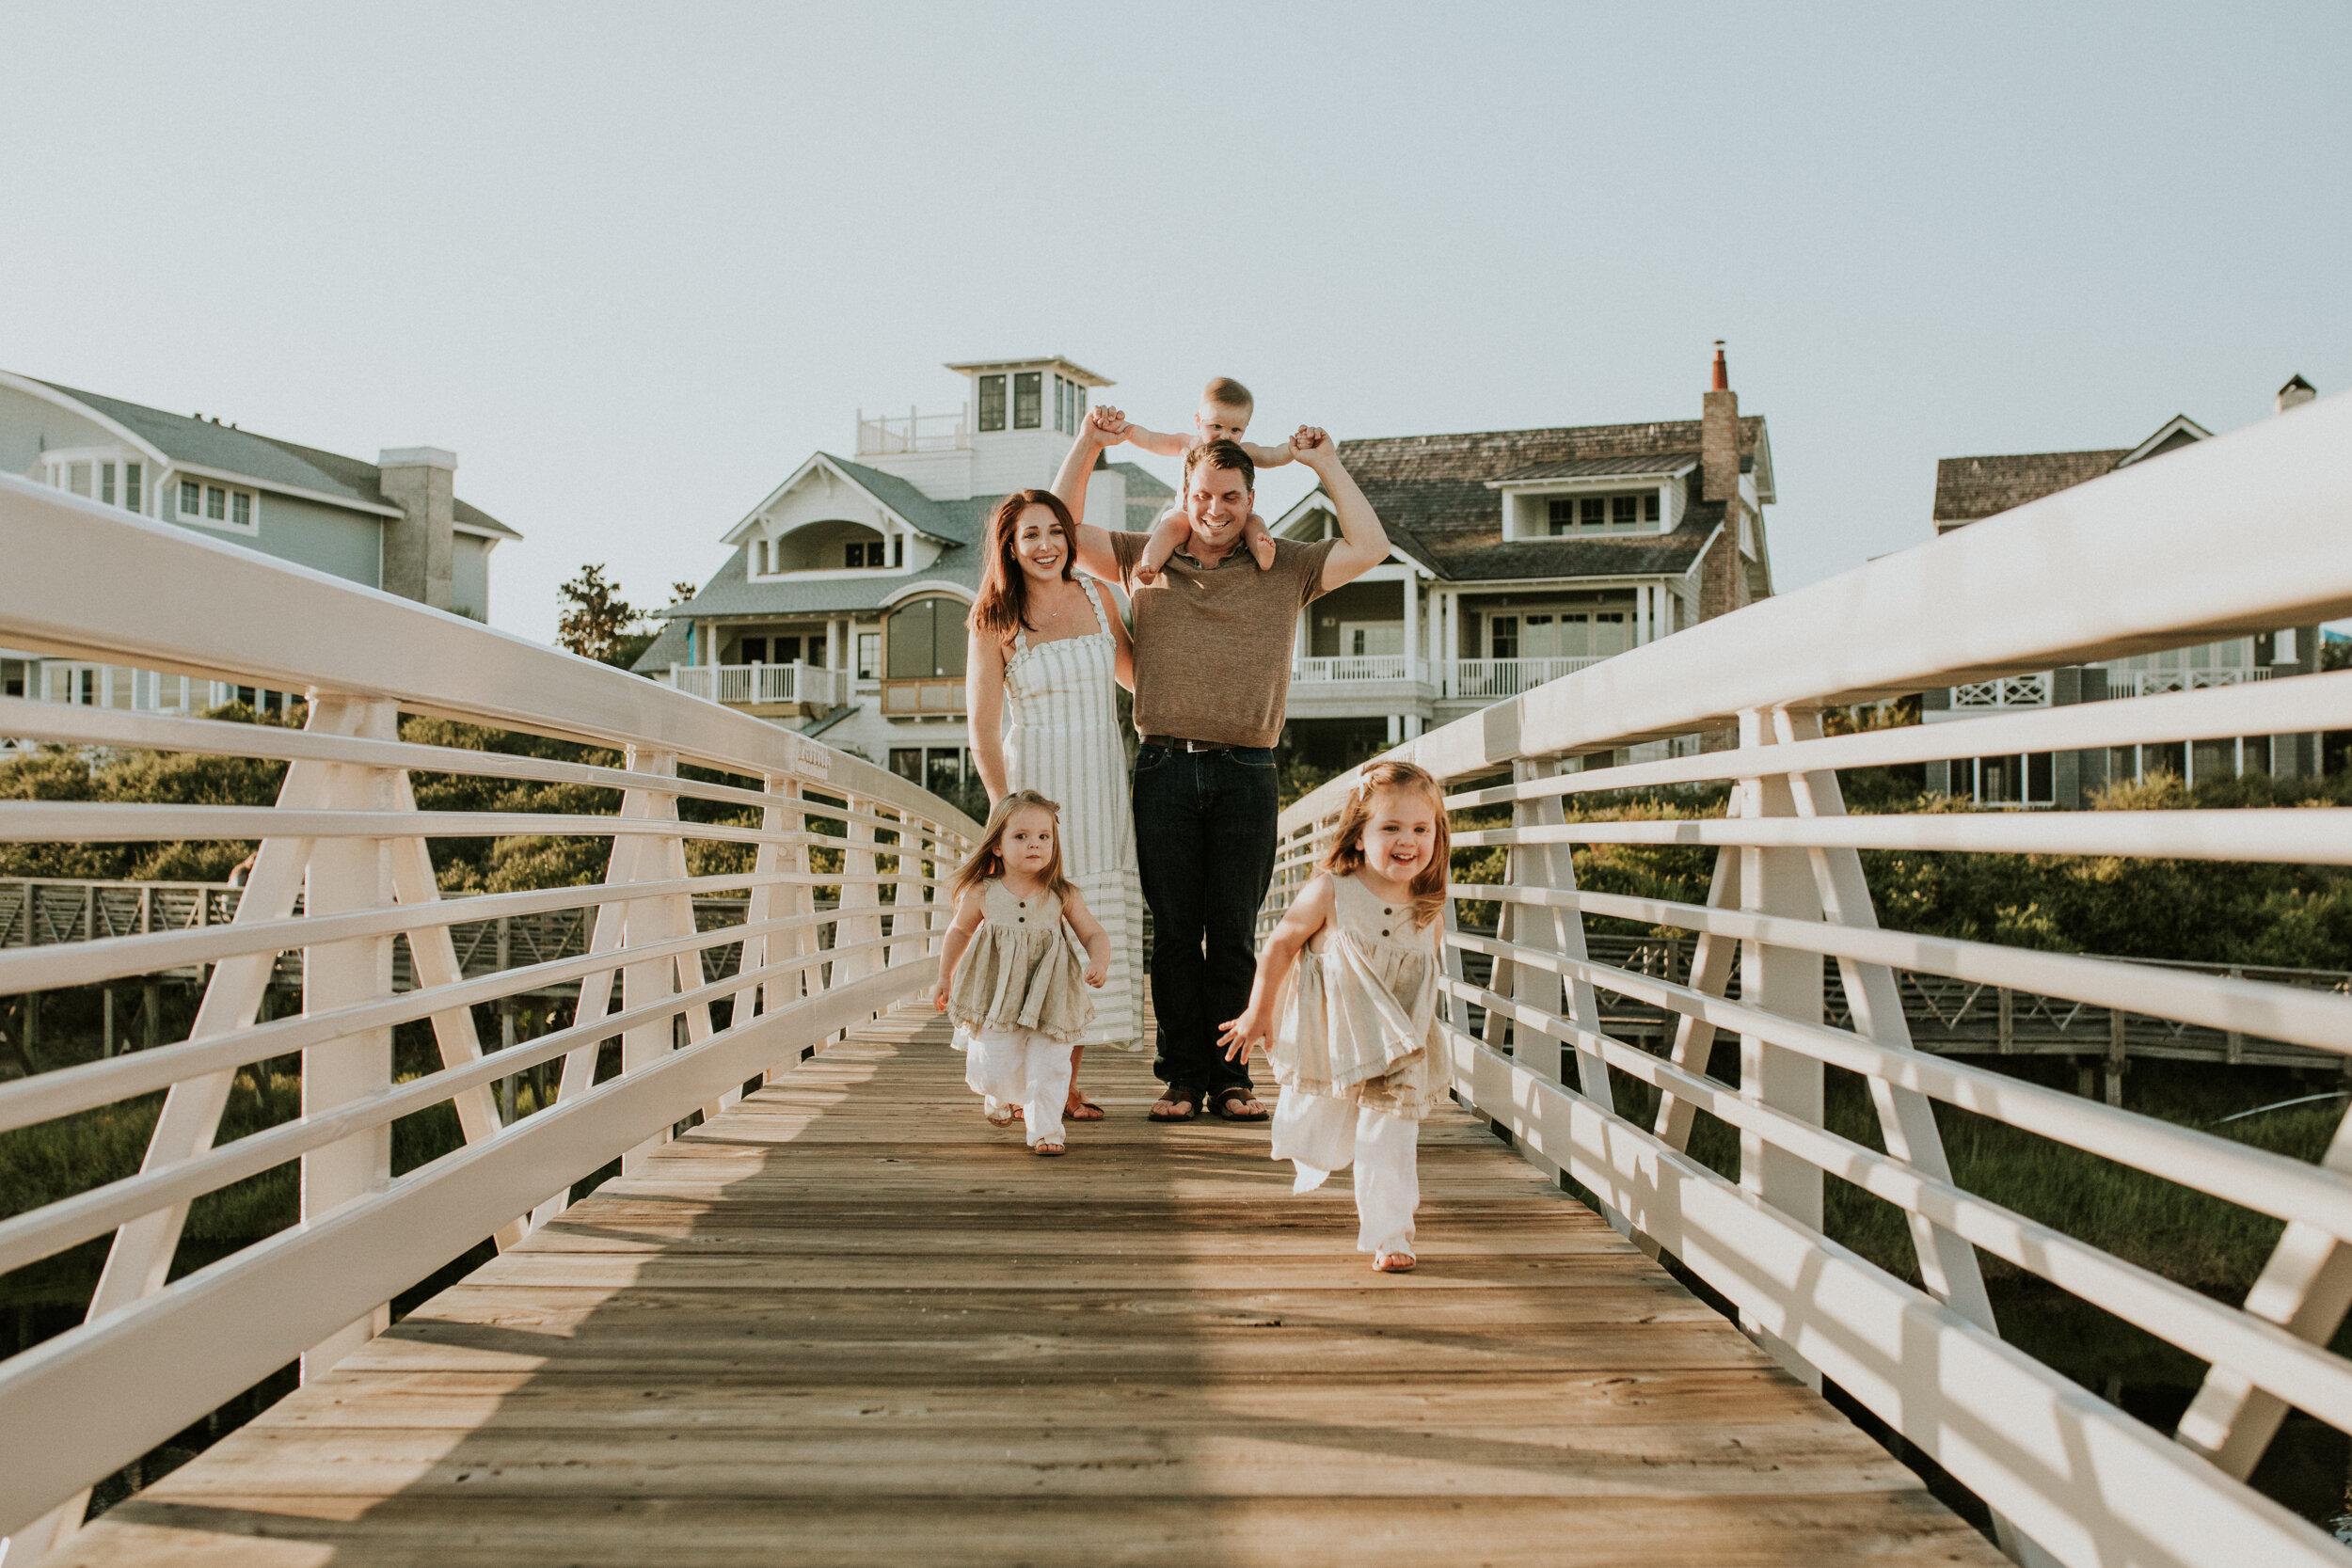 30a_Destin_Watersound_Florida_Family_Photographer_Beach_Photos-3.jpg